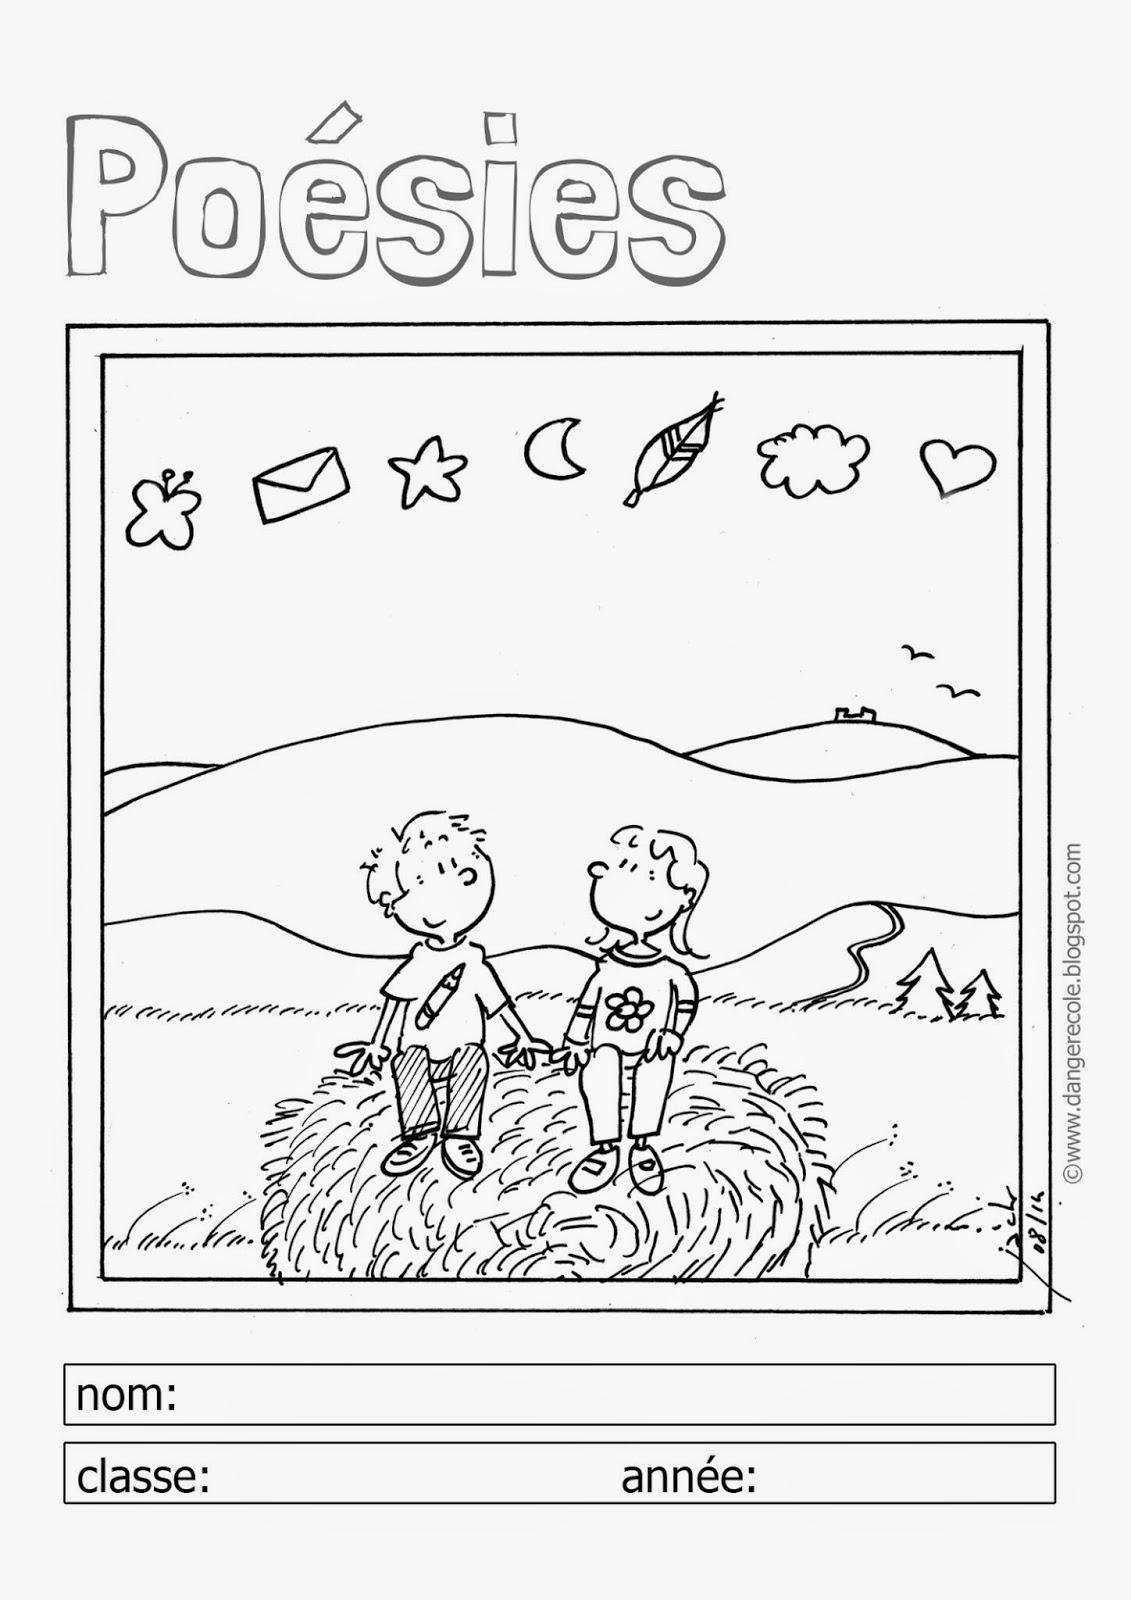 Il est interdit d utiliser les dessins pour des utilisation merciales affiches t shirts  vendre publications livres